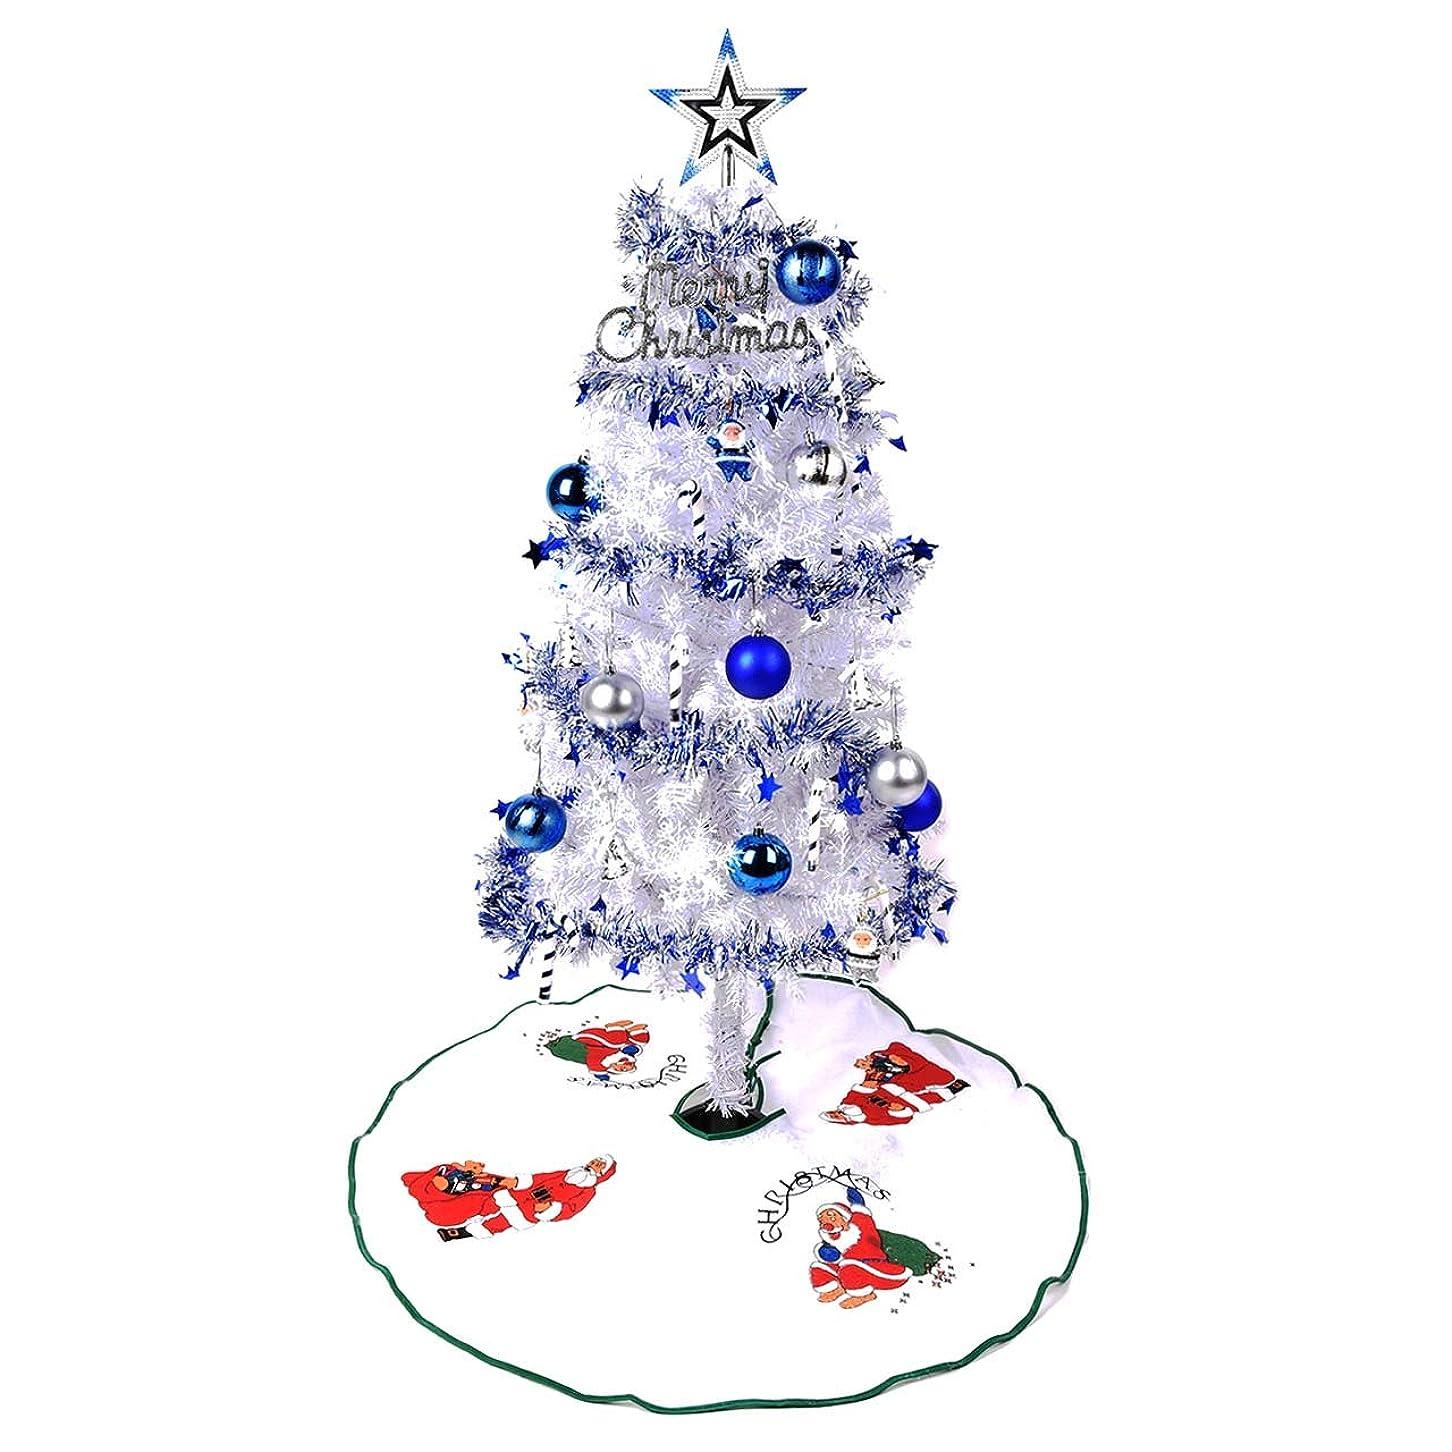 しなければならない難民やさしいクリスマスツリー 120cm 白ツリー 多色選べる White 収納袋 led 付 北欧 おしゃれ オーナメント セット クリスマス ツリー 店舗 家庭 用 cm18b 120cm白ツリー,青銀